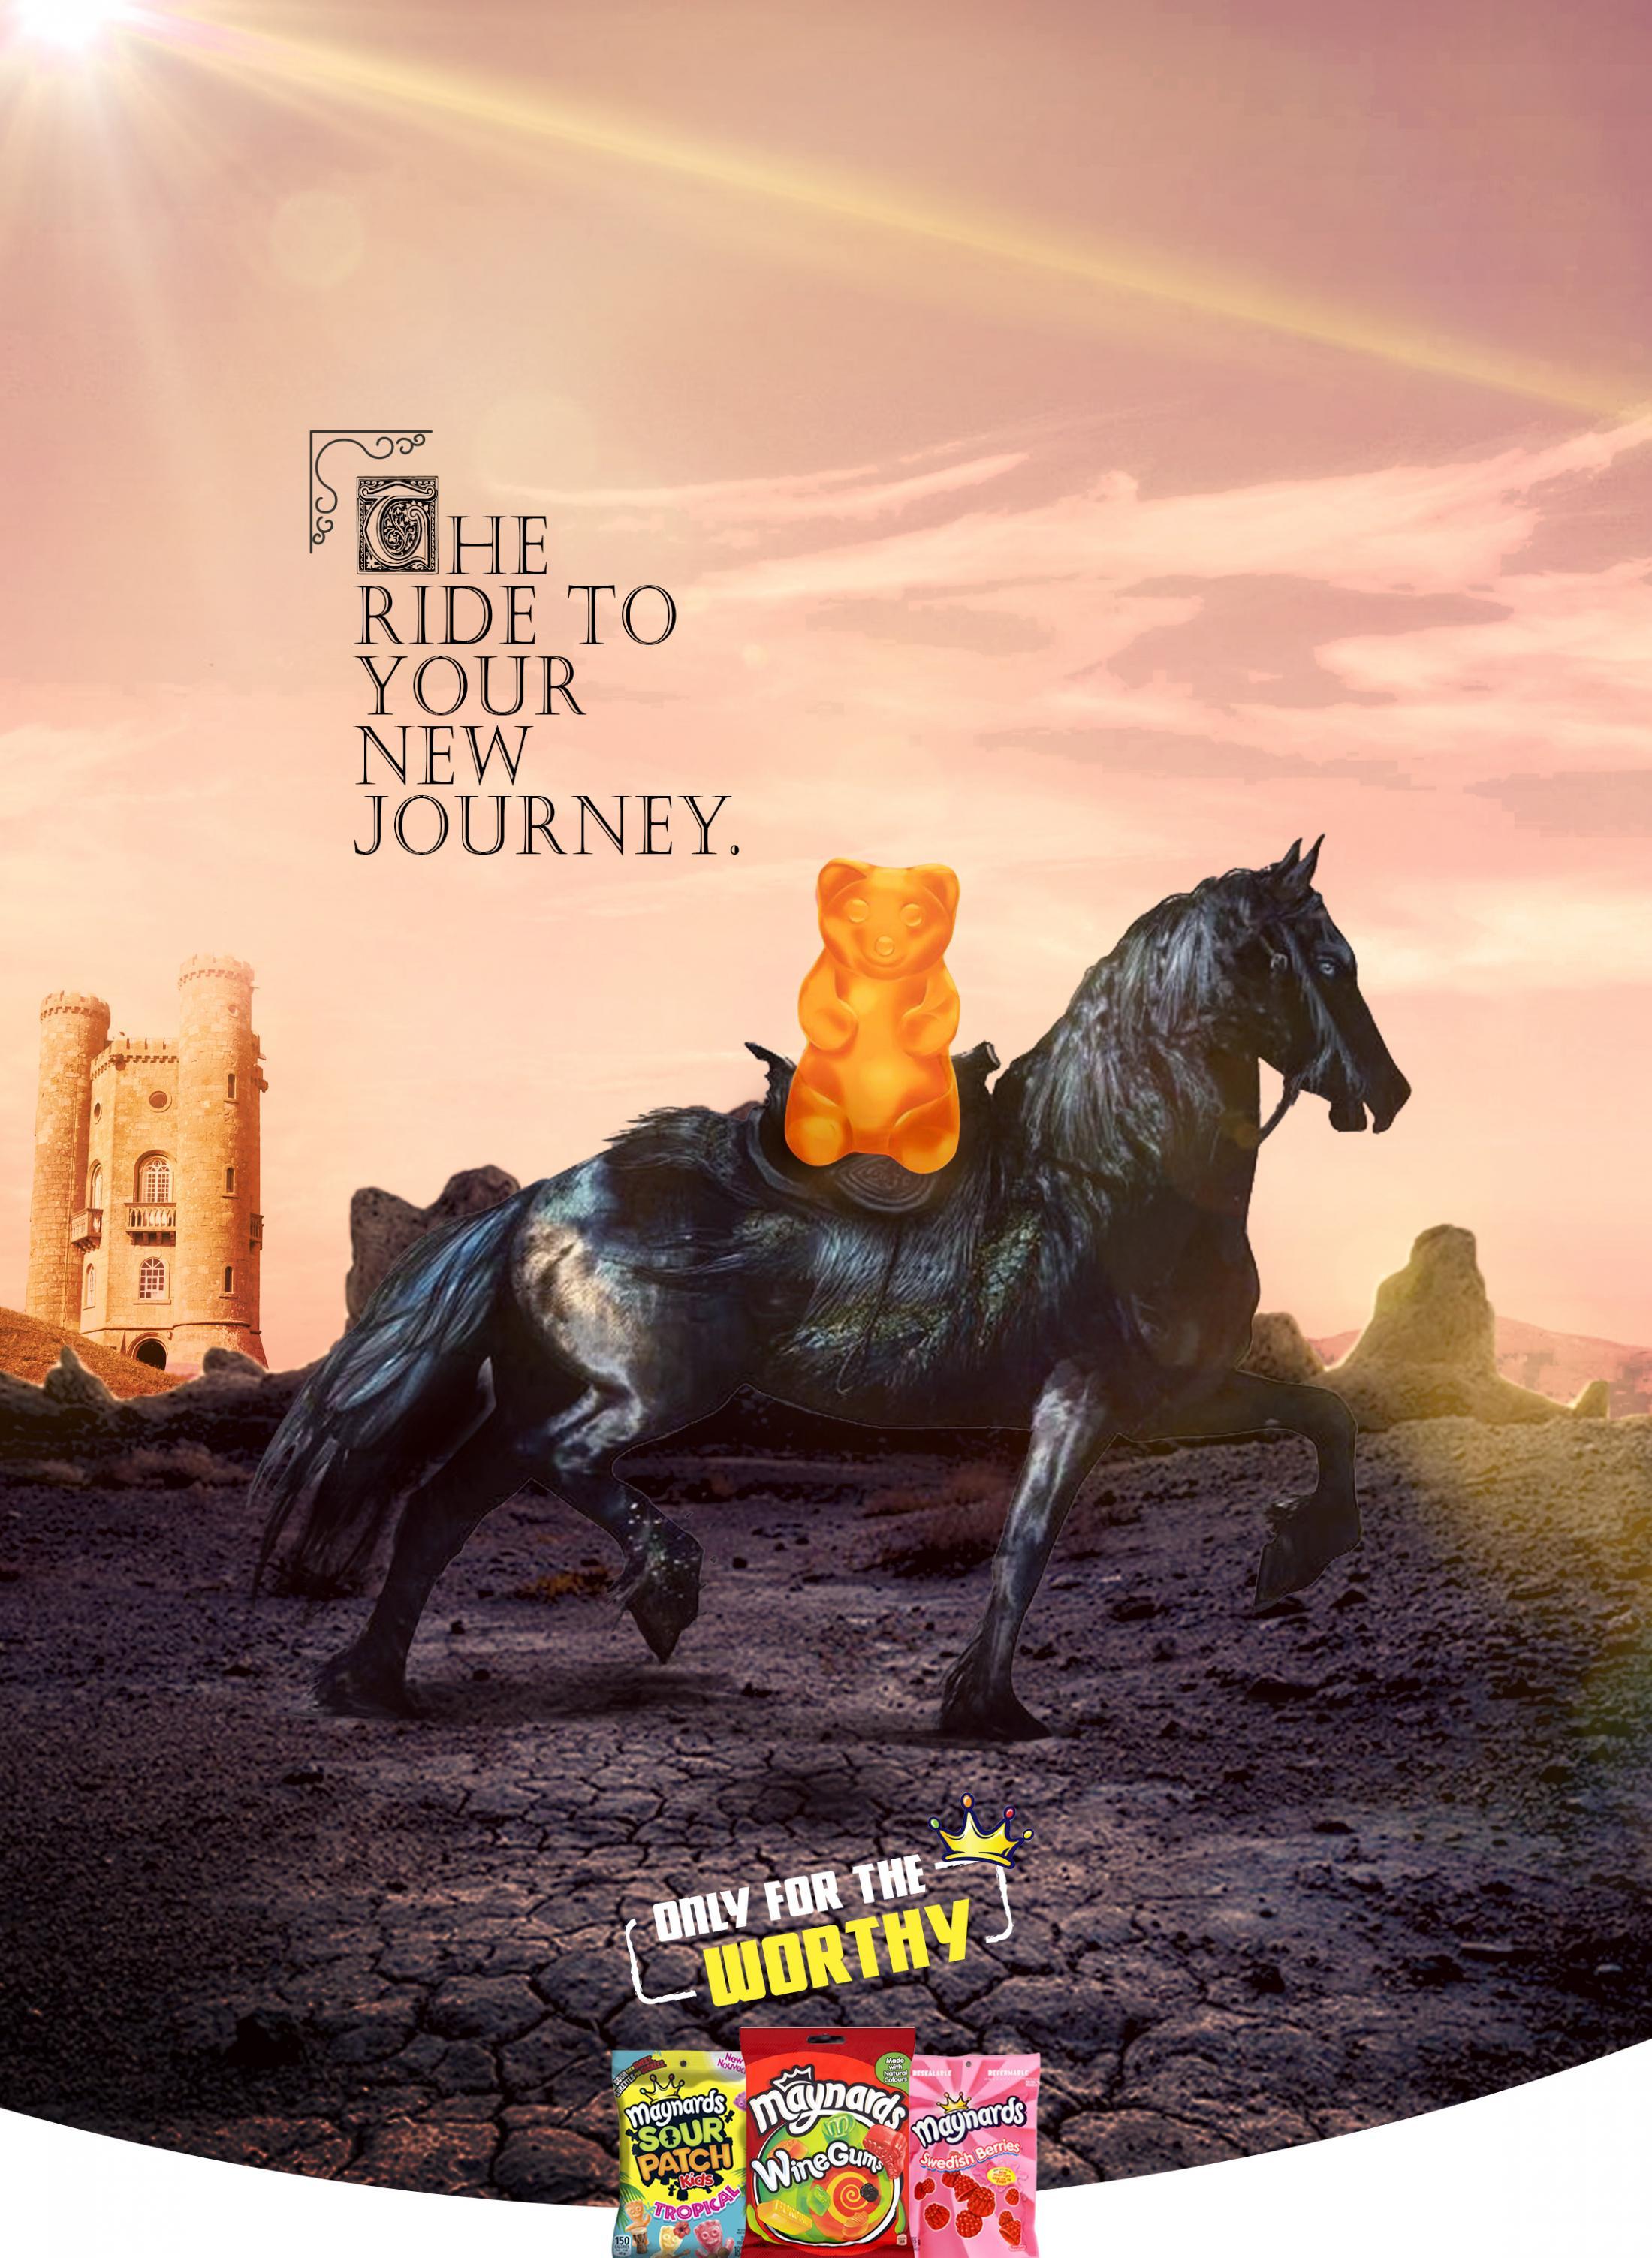 Maynards Print Ad - Ride